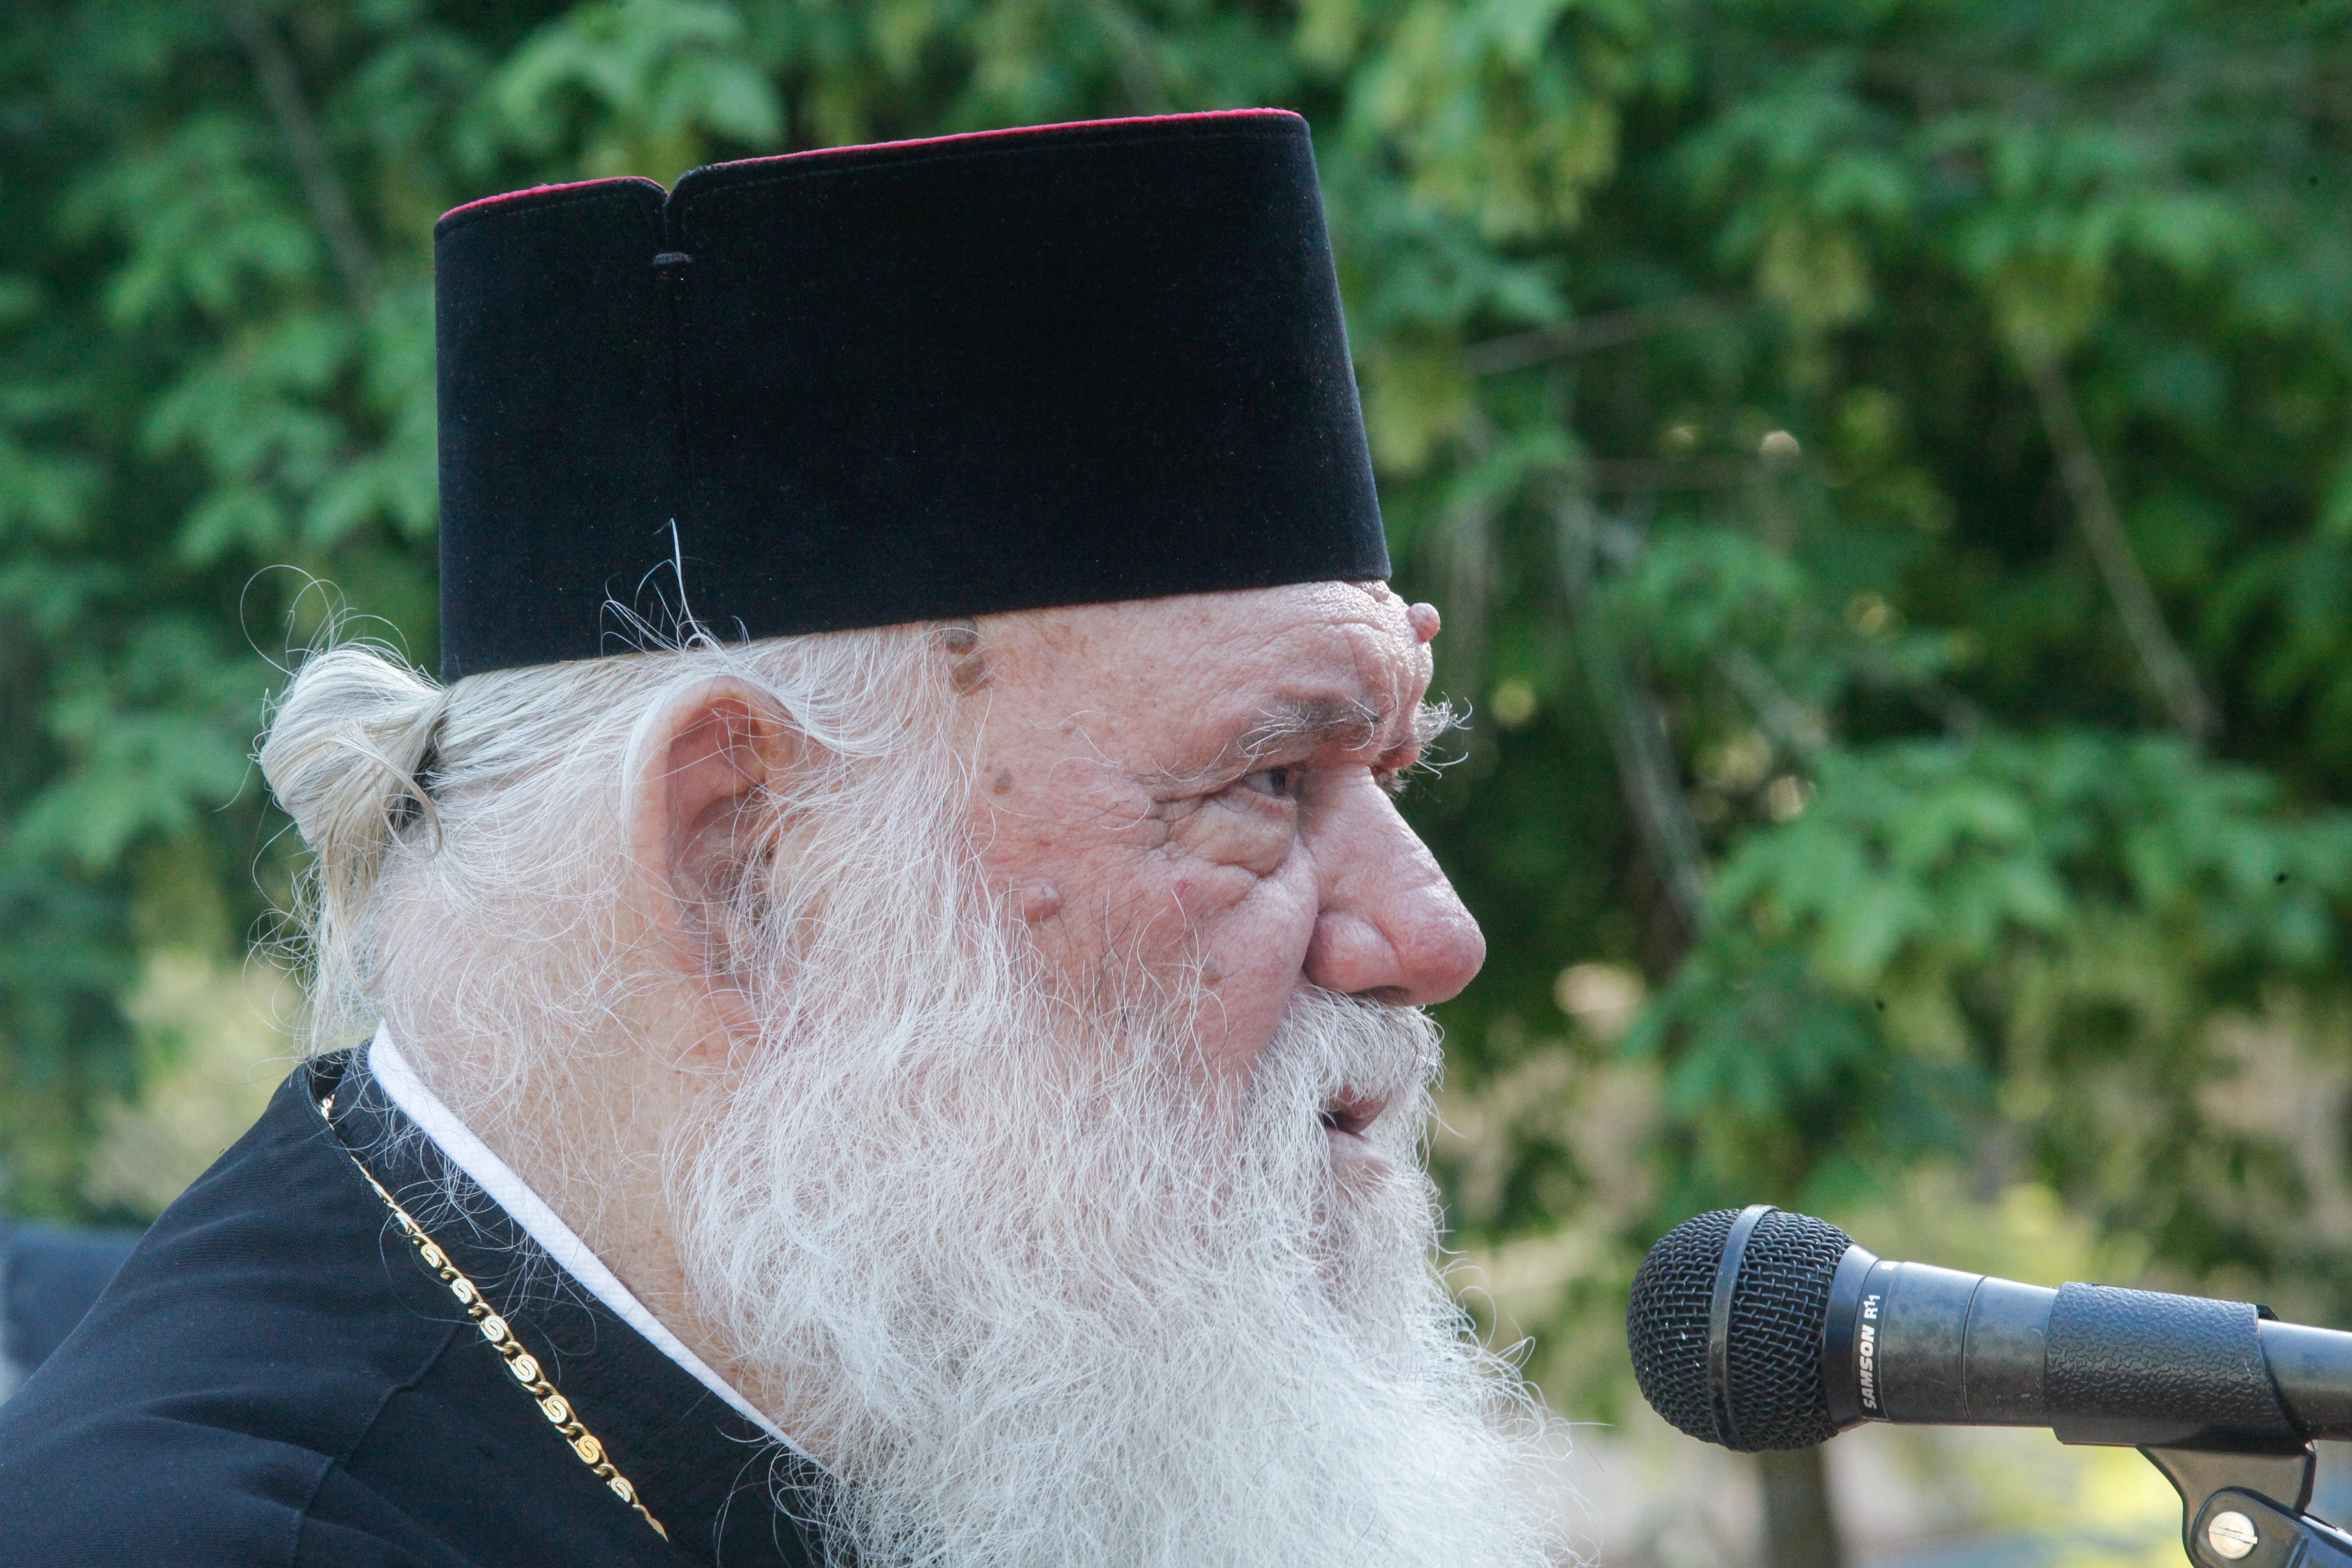 Ιερώνυμος για Σκοπιανό: Η Εκκλησία πήρε θέση. Δεν δίνουμε πουθενά το όνομά μας, αλλά αυτό είναι έργο της